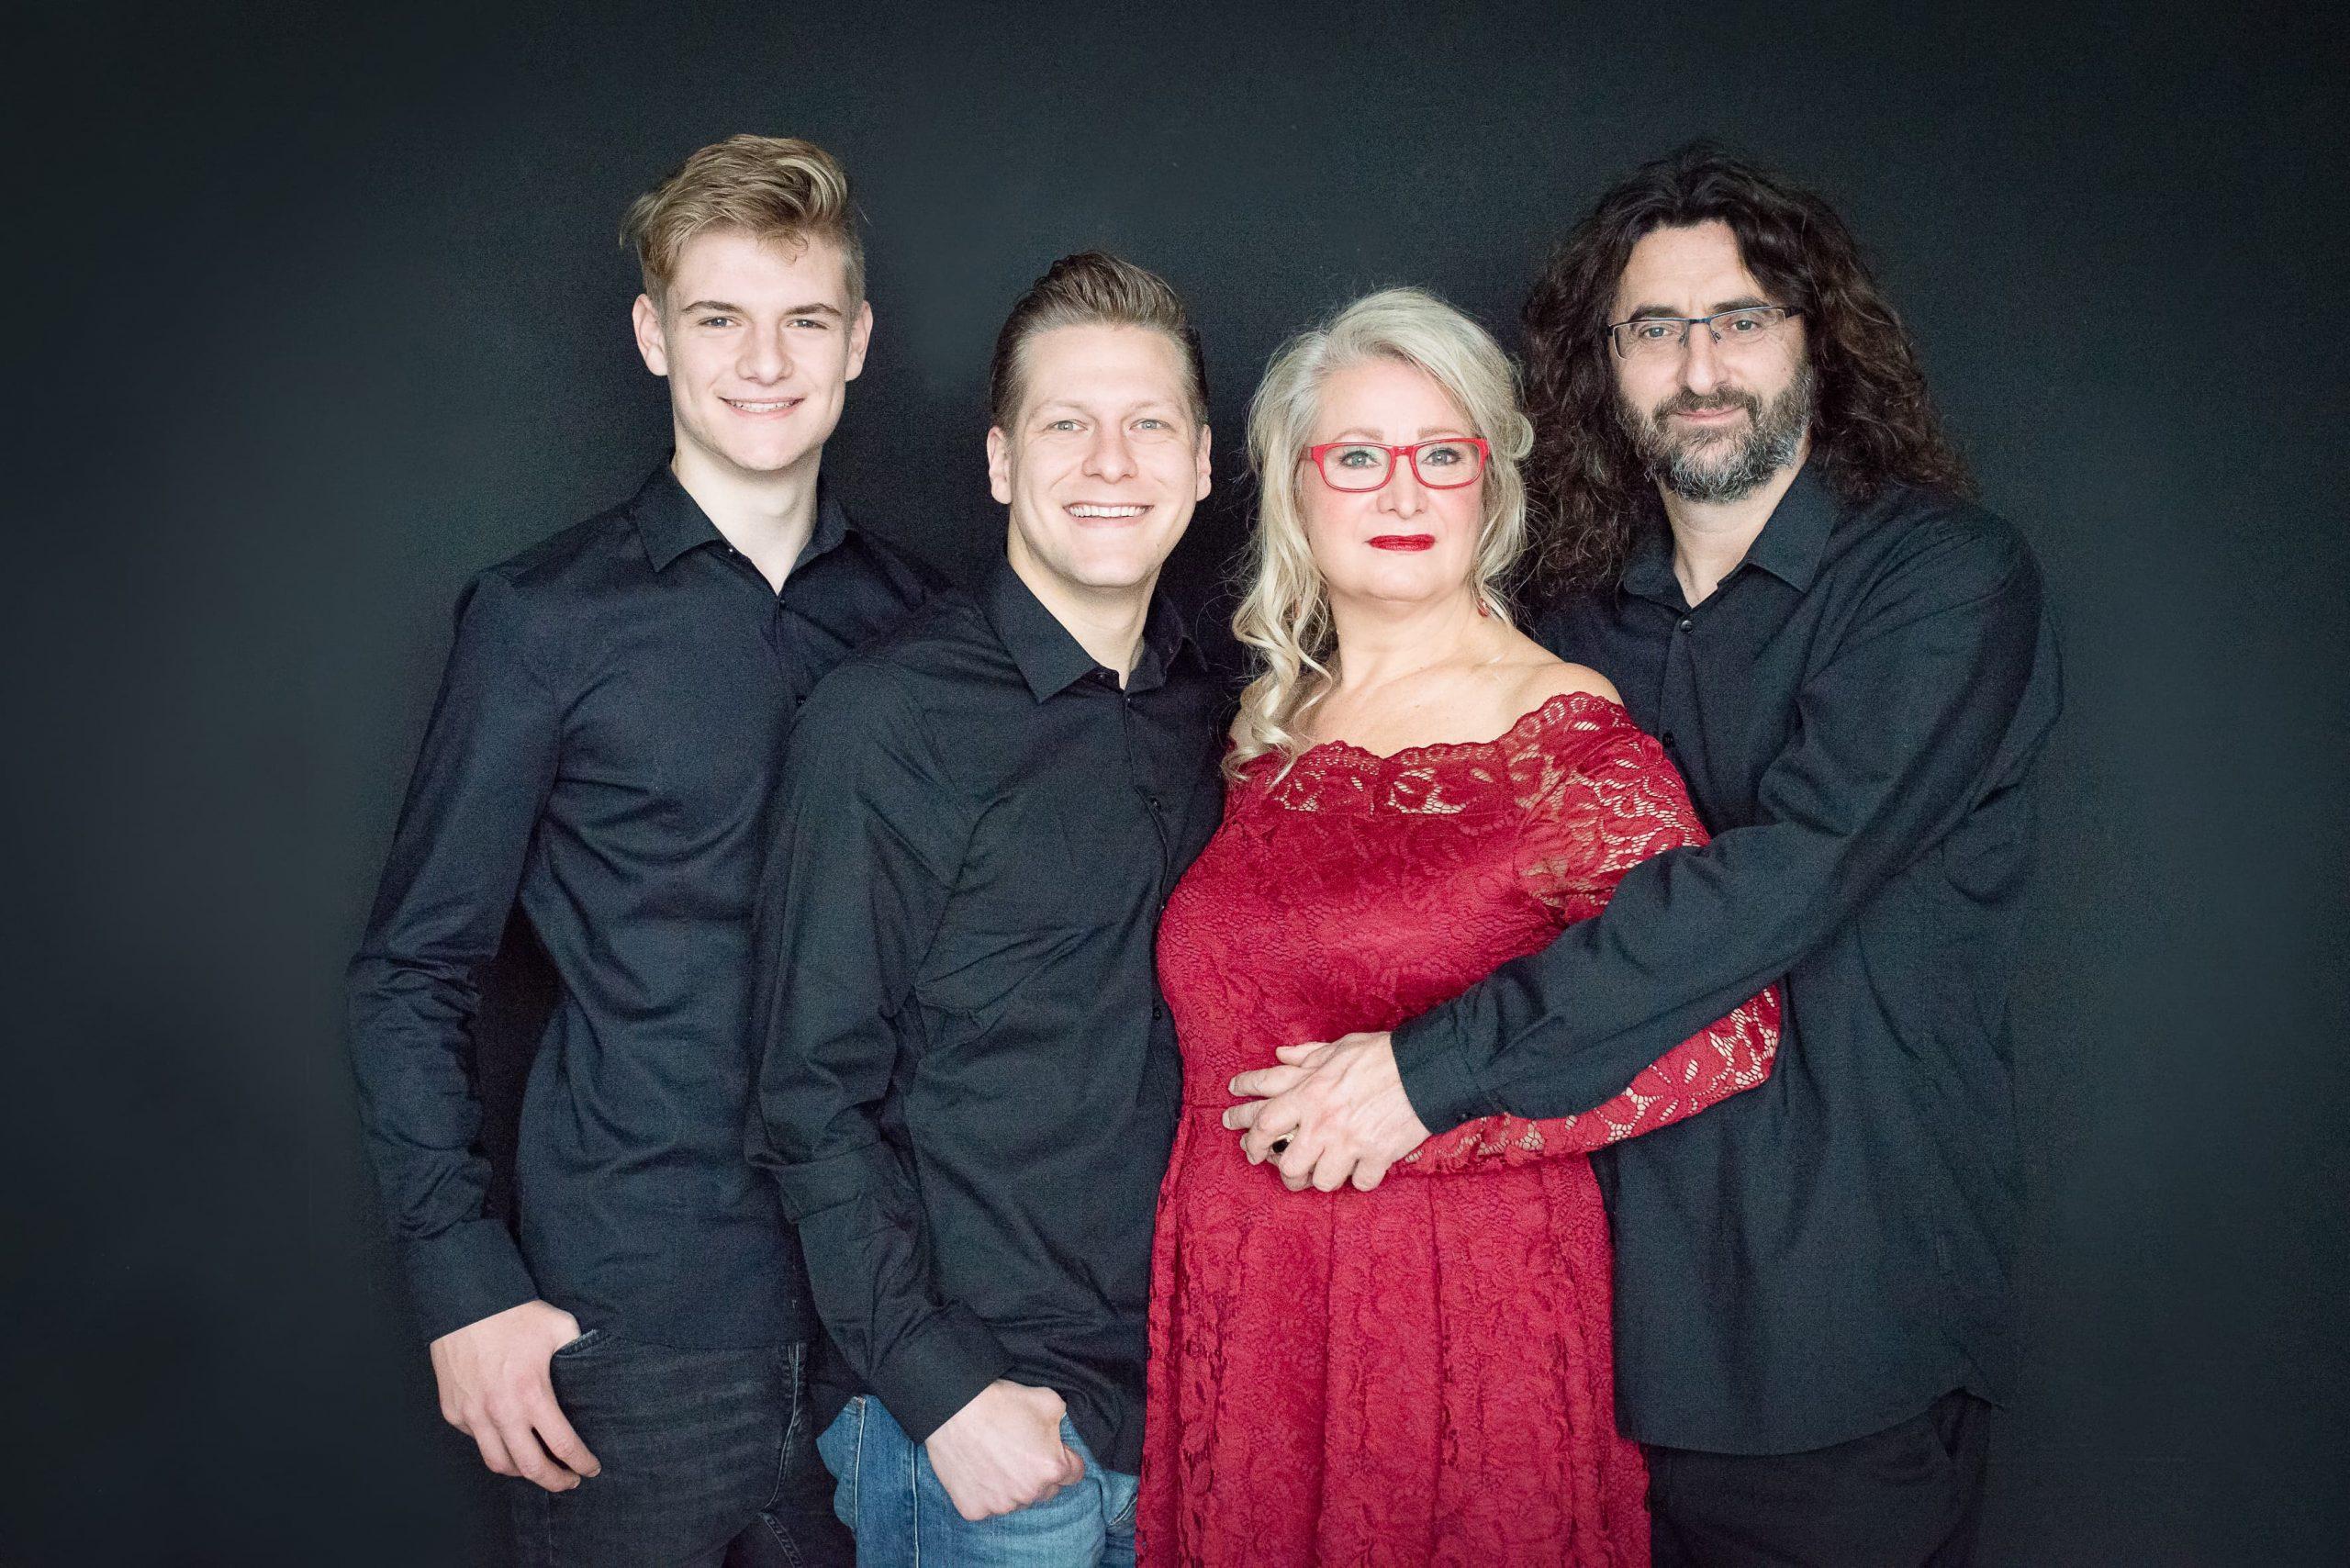 Family Portraits men in black rode jurk met kant familie fotoshoot